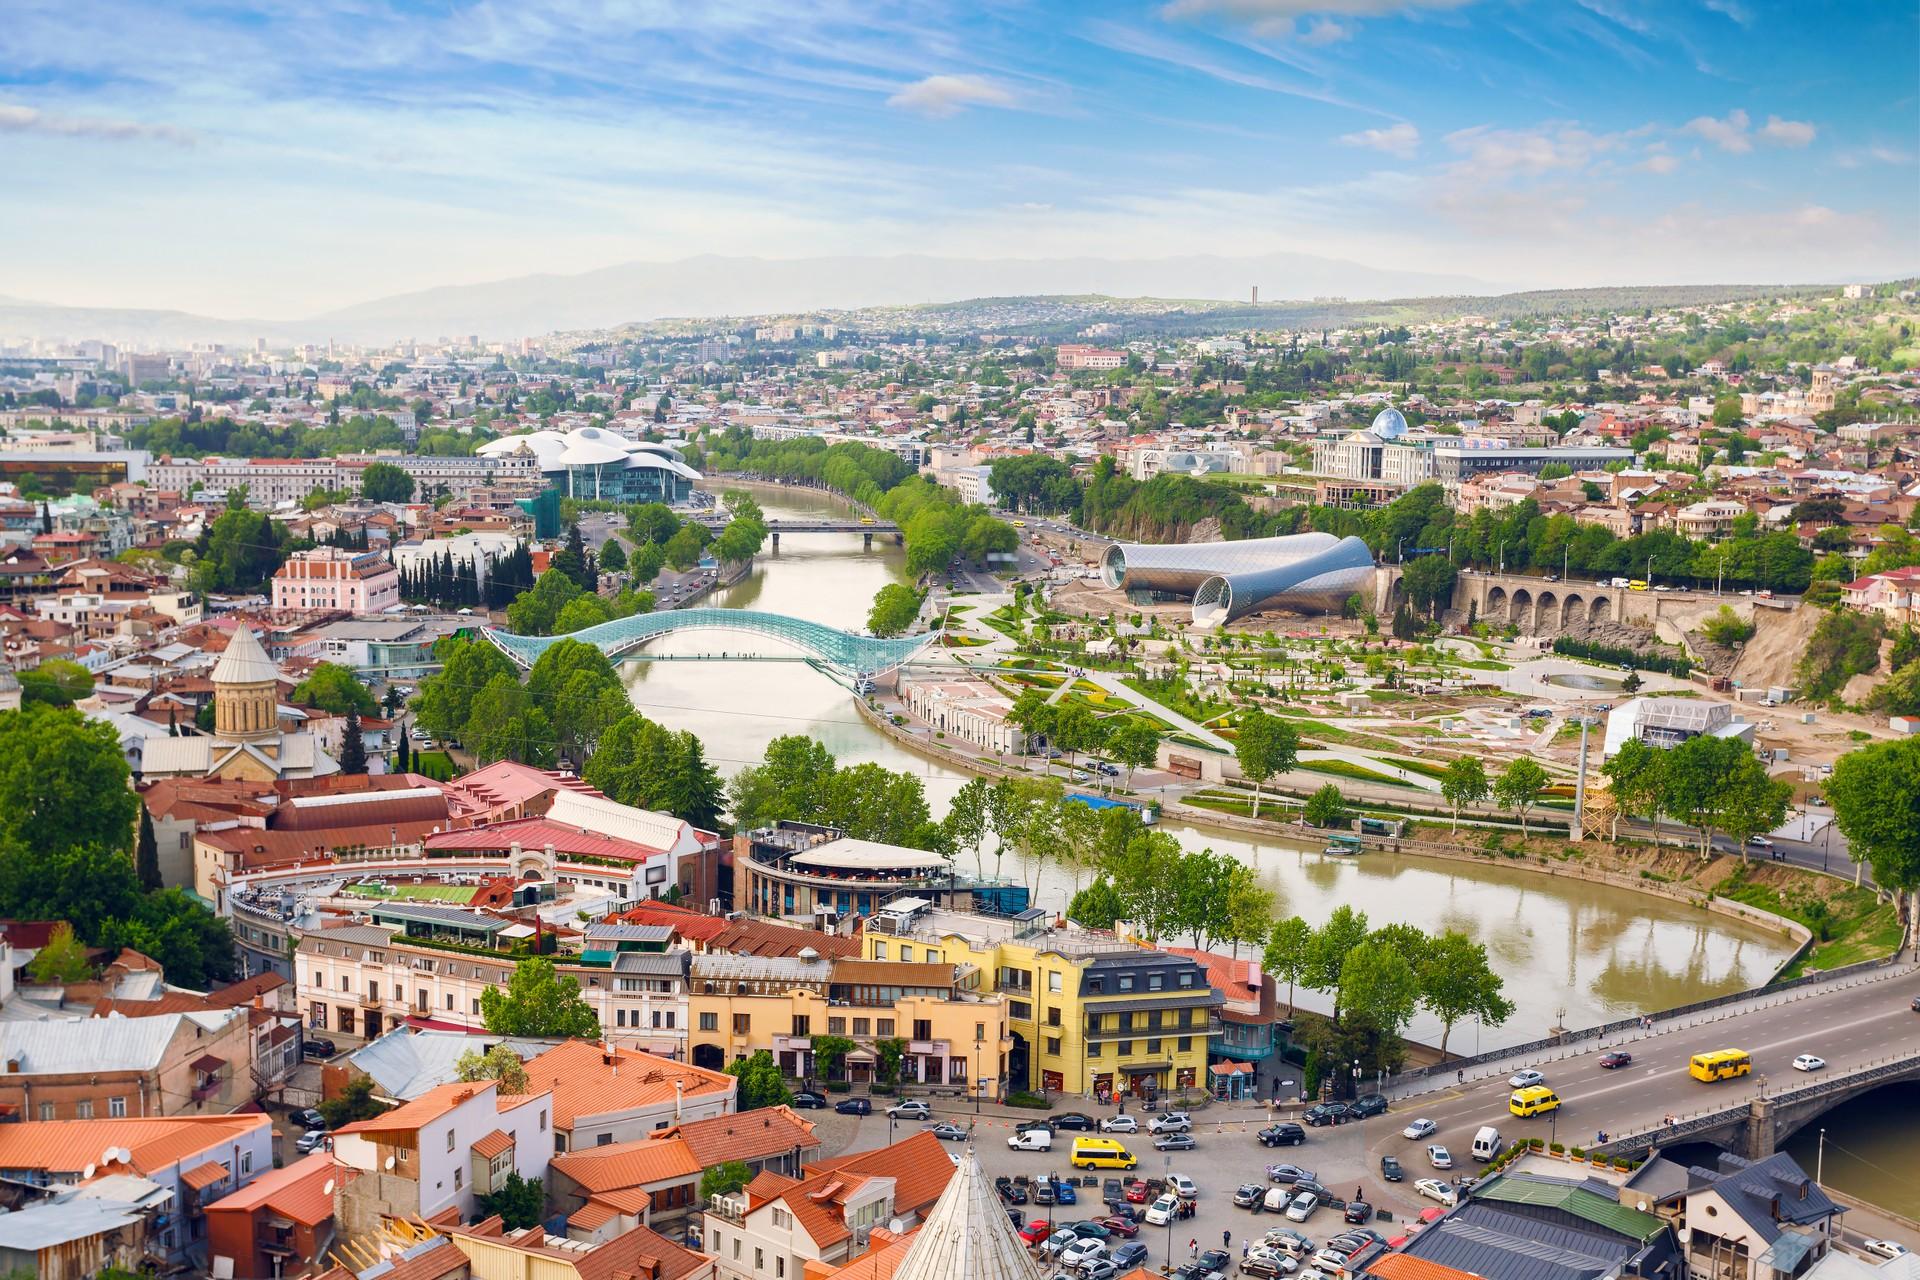 A cityscape of Tbilisi, Georgia